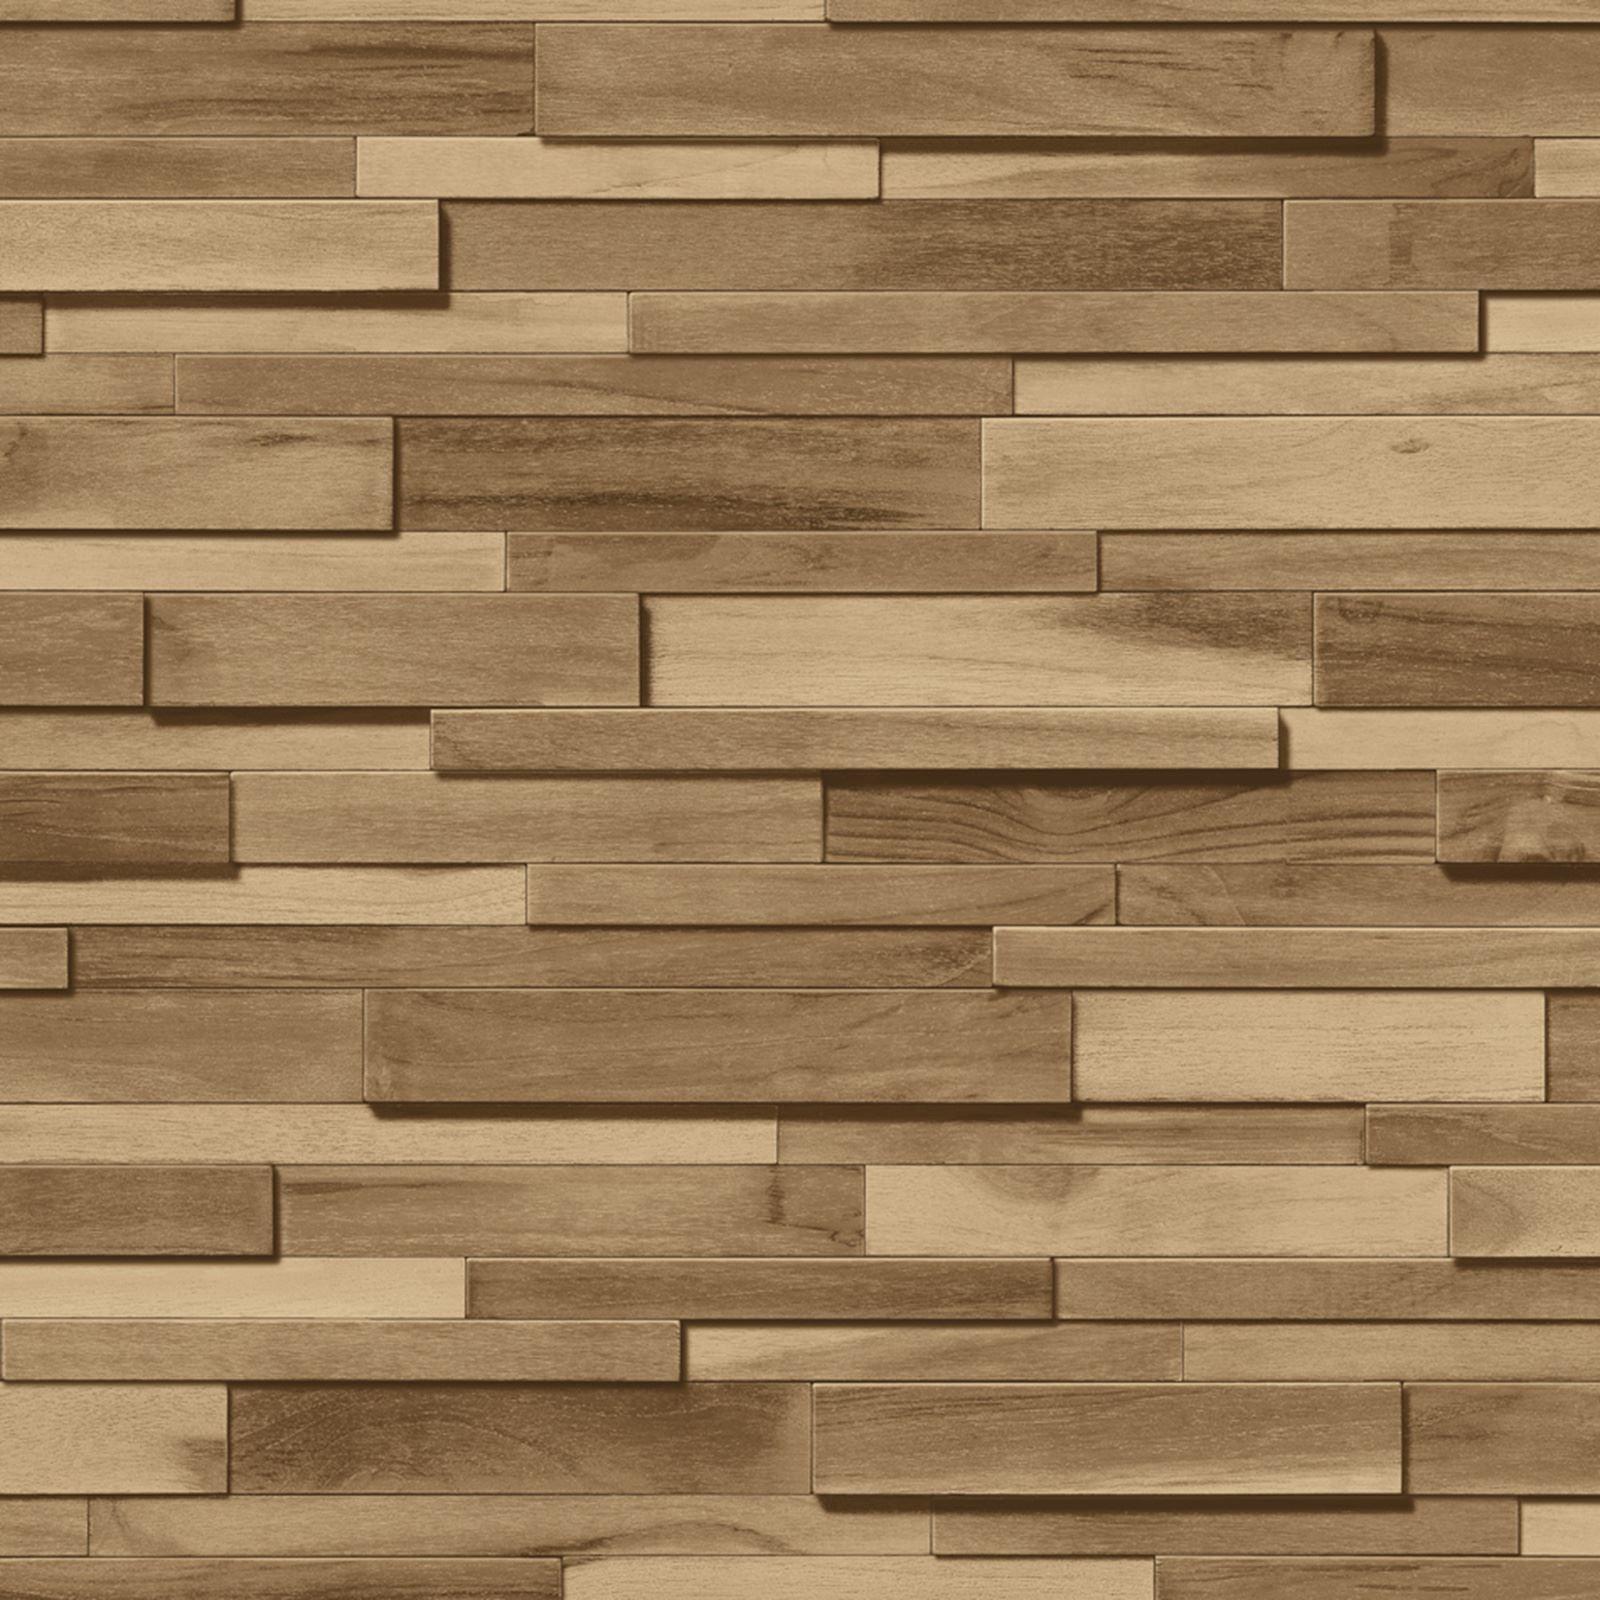 muriva en bois ardoise papier peint 2 couleurs disponibles marron gris bedroom h2ome. Black Bedroom Furniture Sets. Home Design Ideas